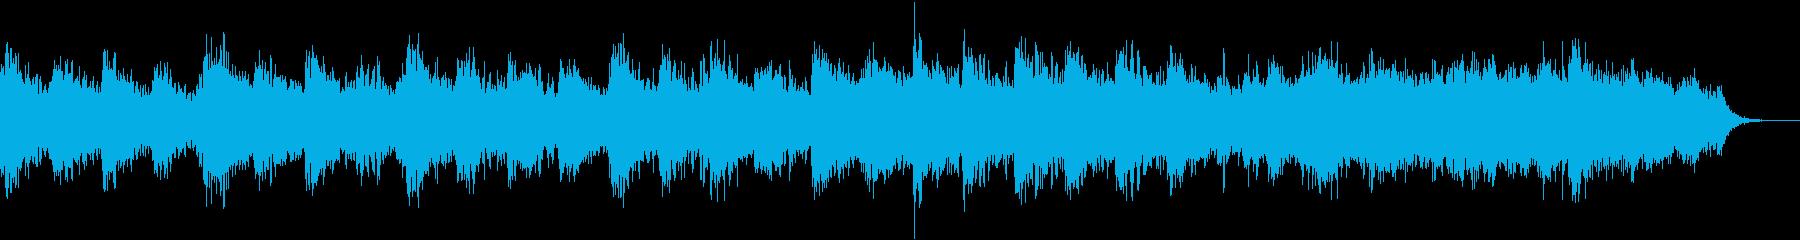 ゆったり安らかな癒し系アンビエントBGMの再生済みの波形